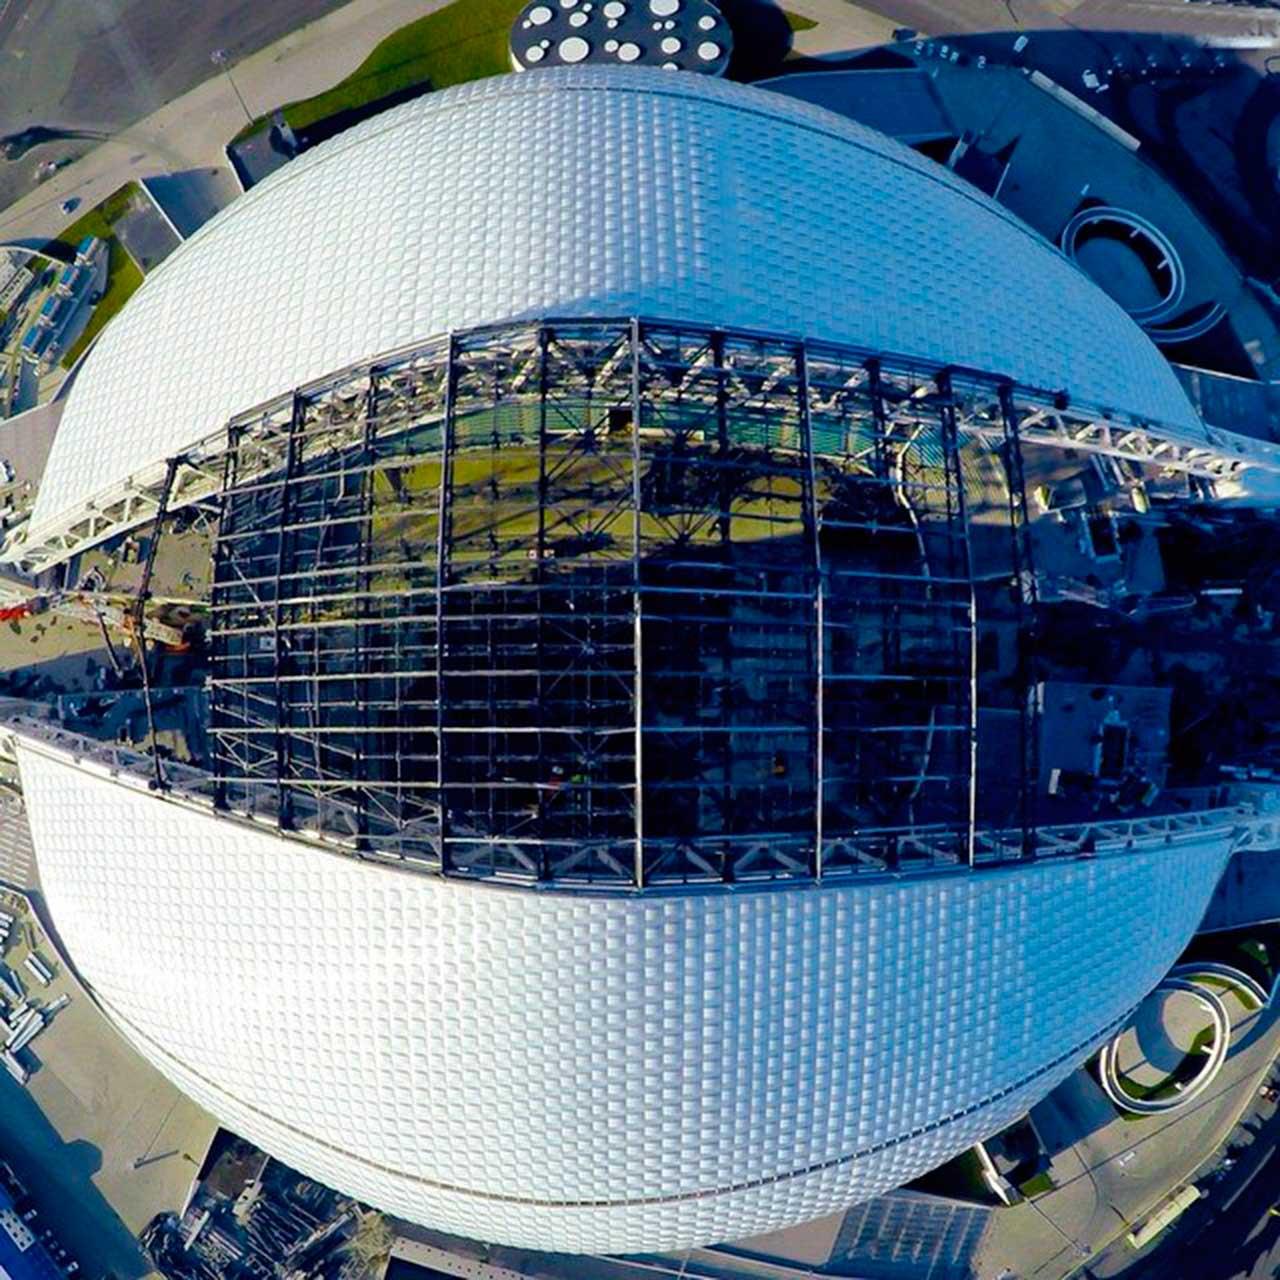 Vista Aérea del Estadio Fisht